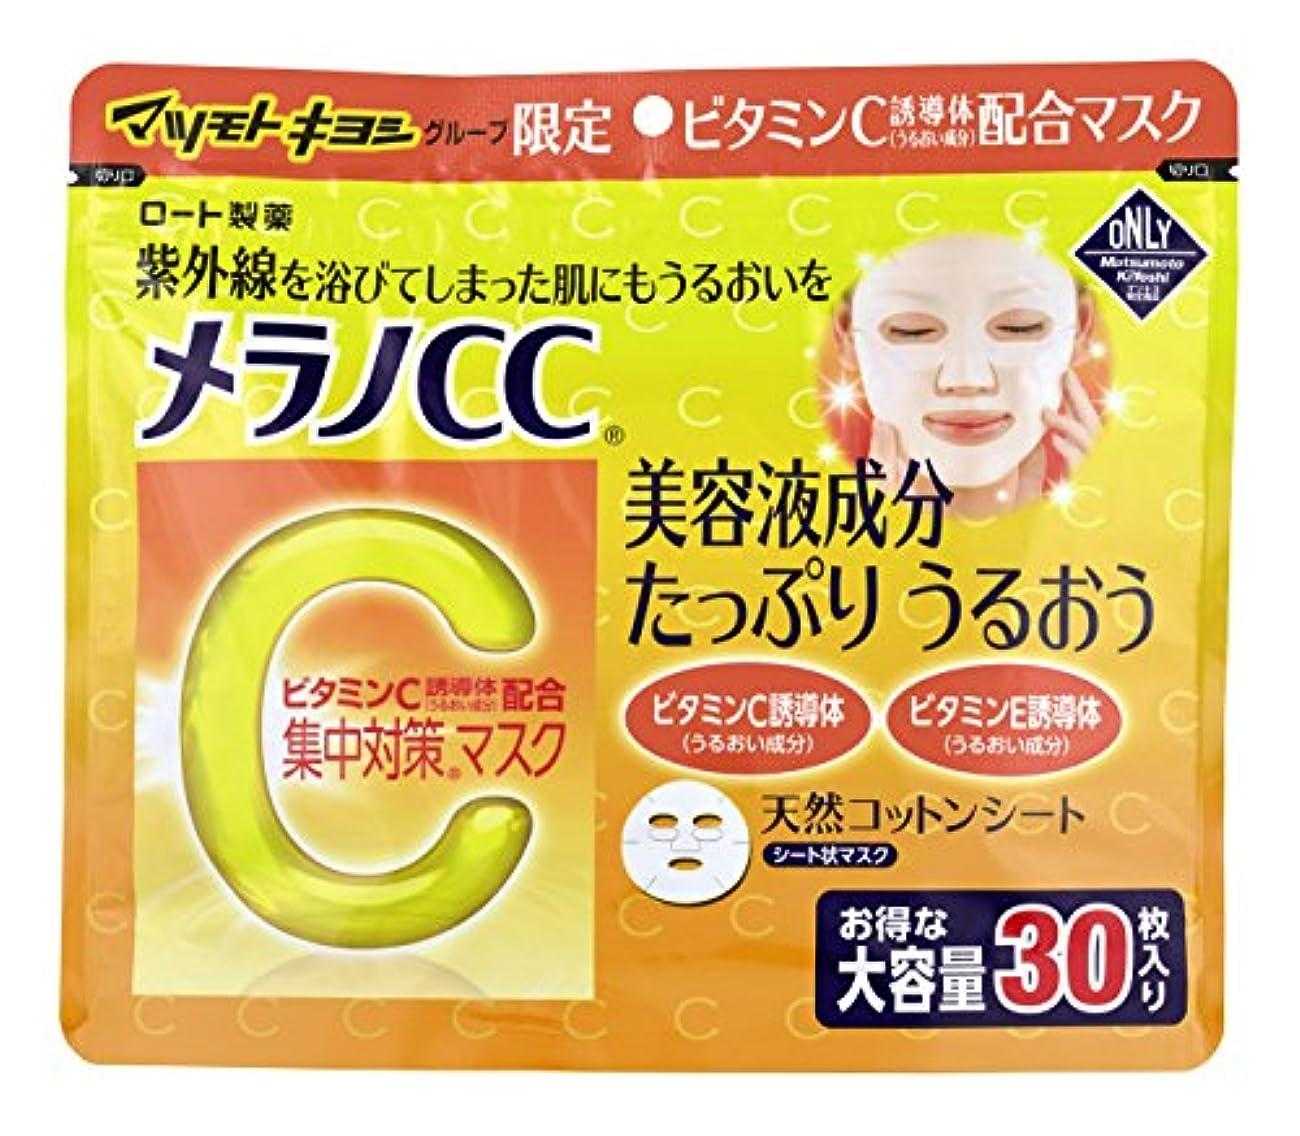 保存する不可能なマトンロート製薬 メラノCC 集中対策マスク 大容量 30枚